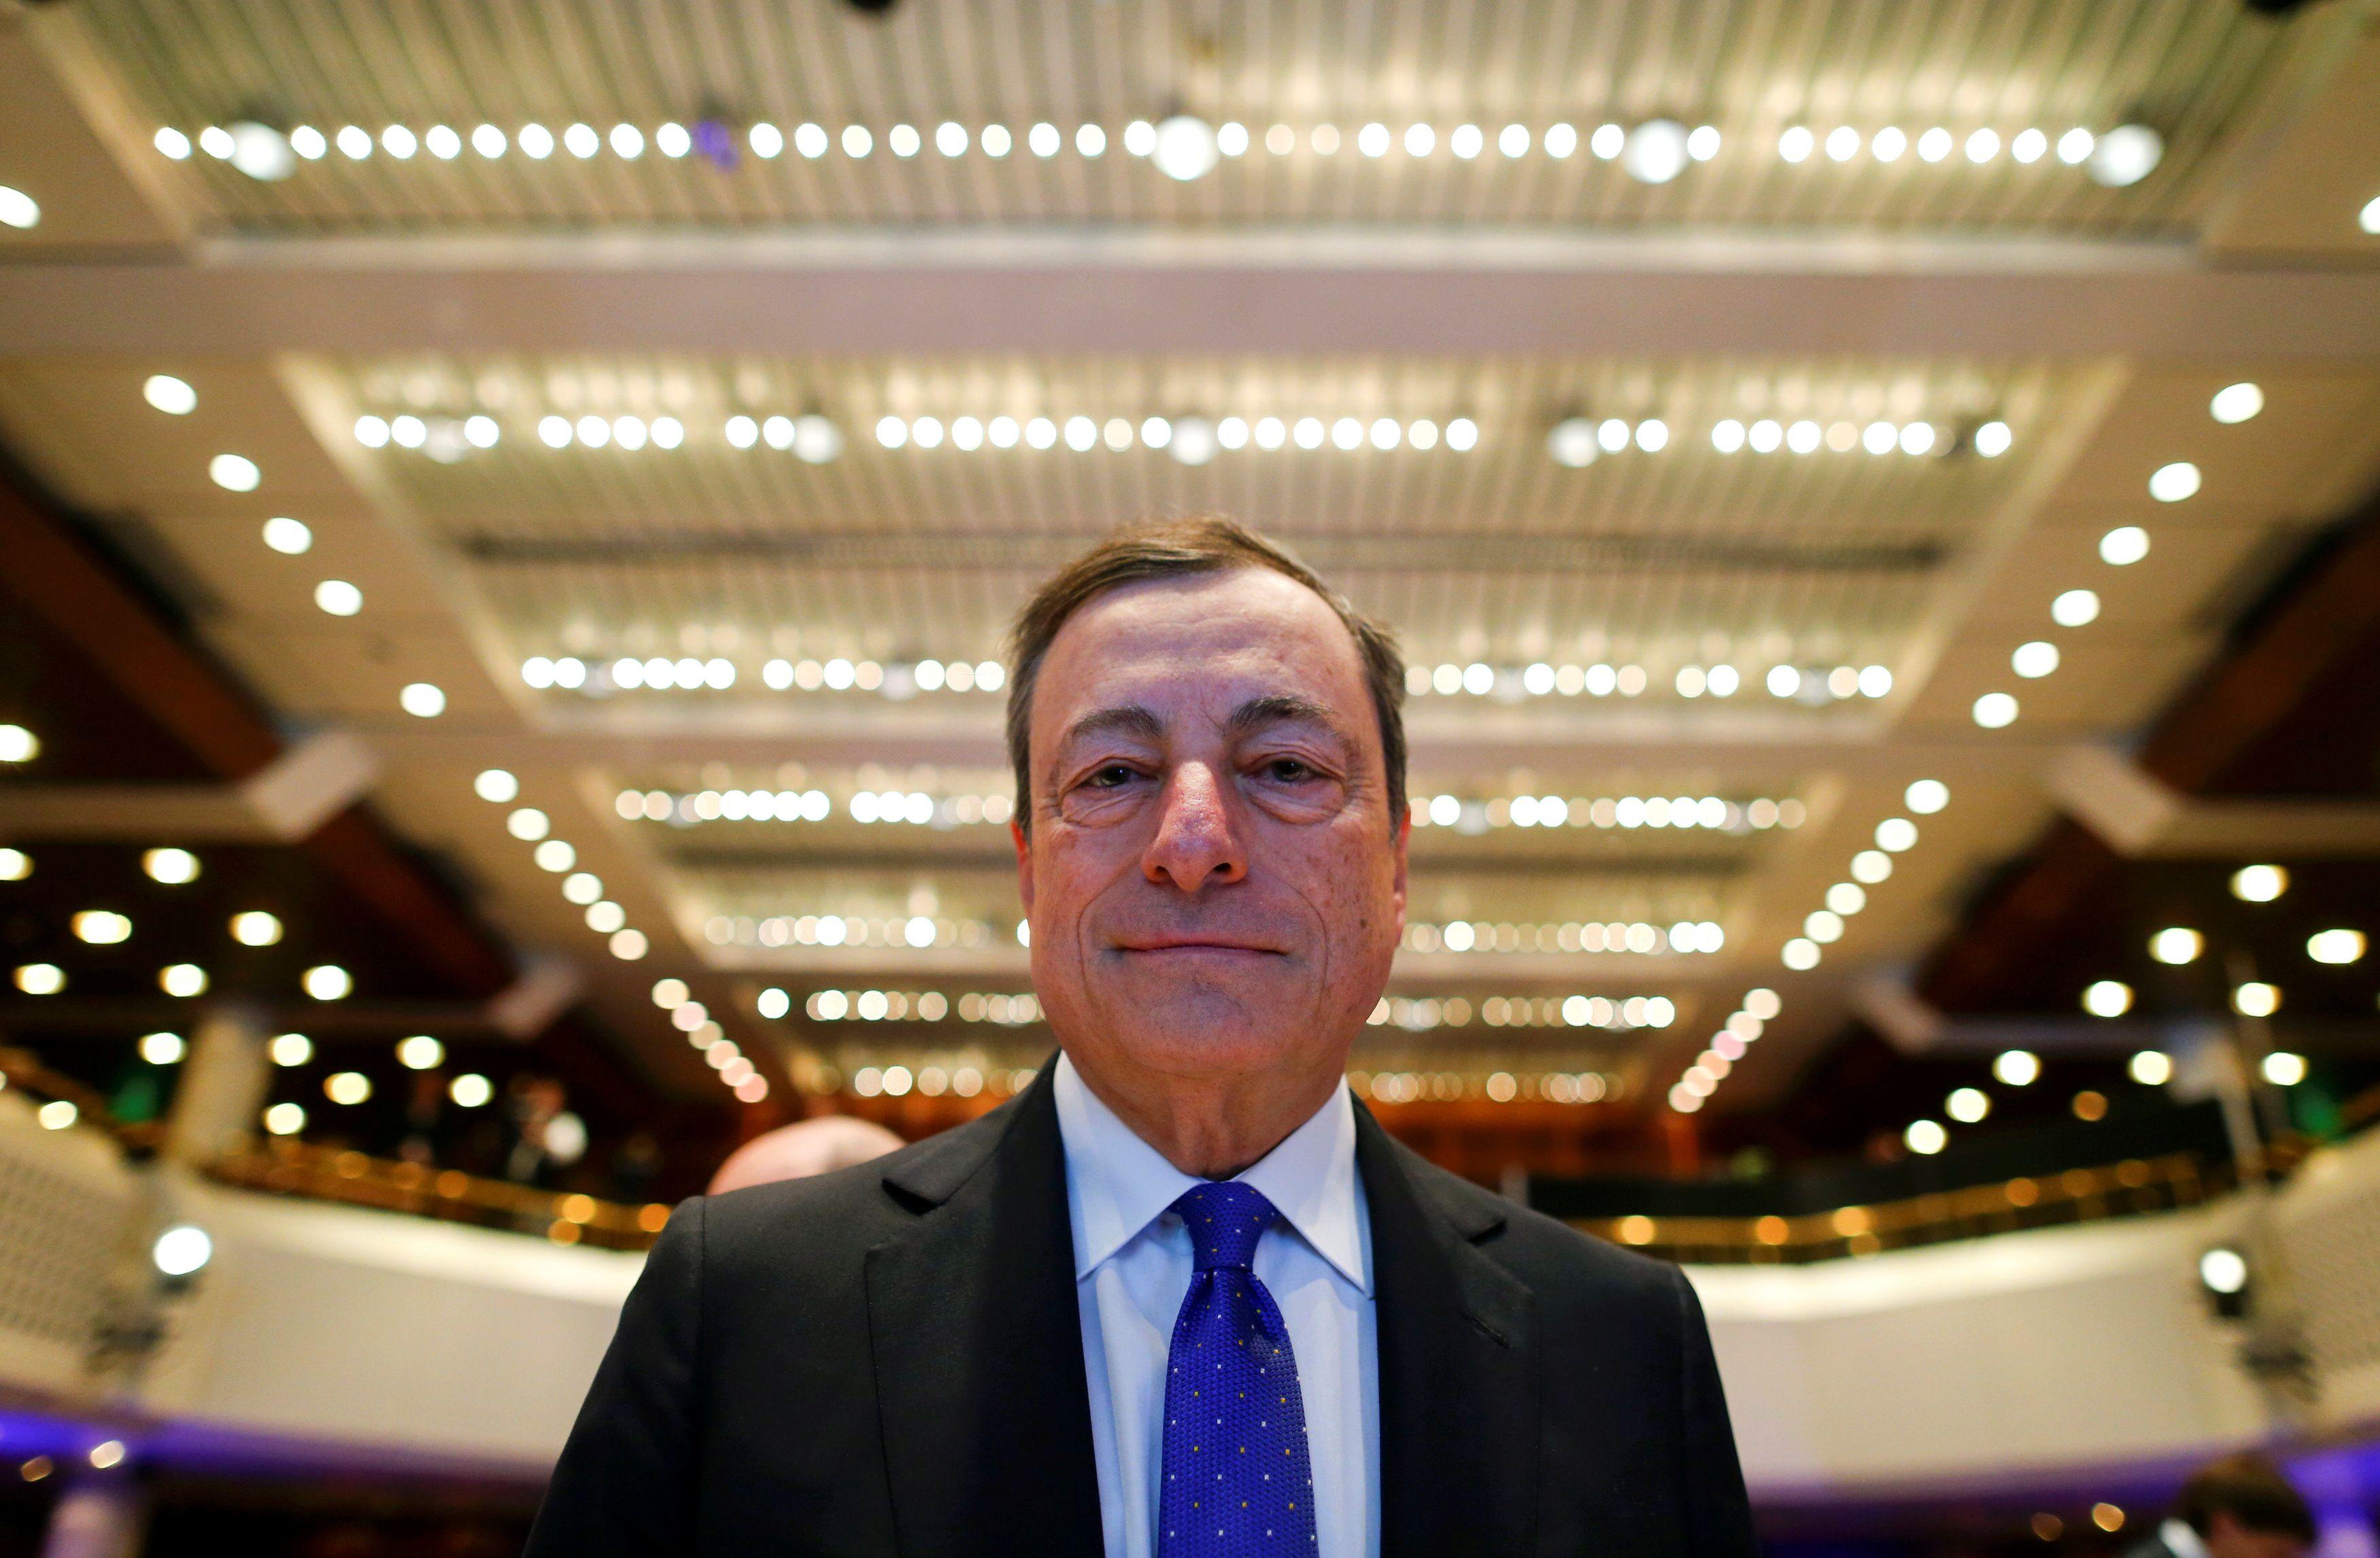 Artėja ECB posėdis: galimai paskutinis skatinimo padidinimas